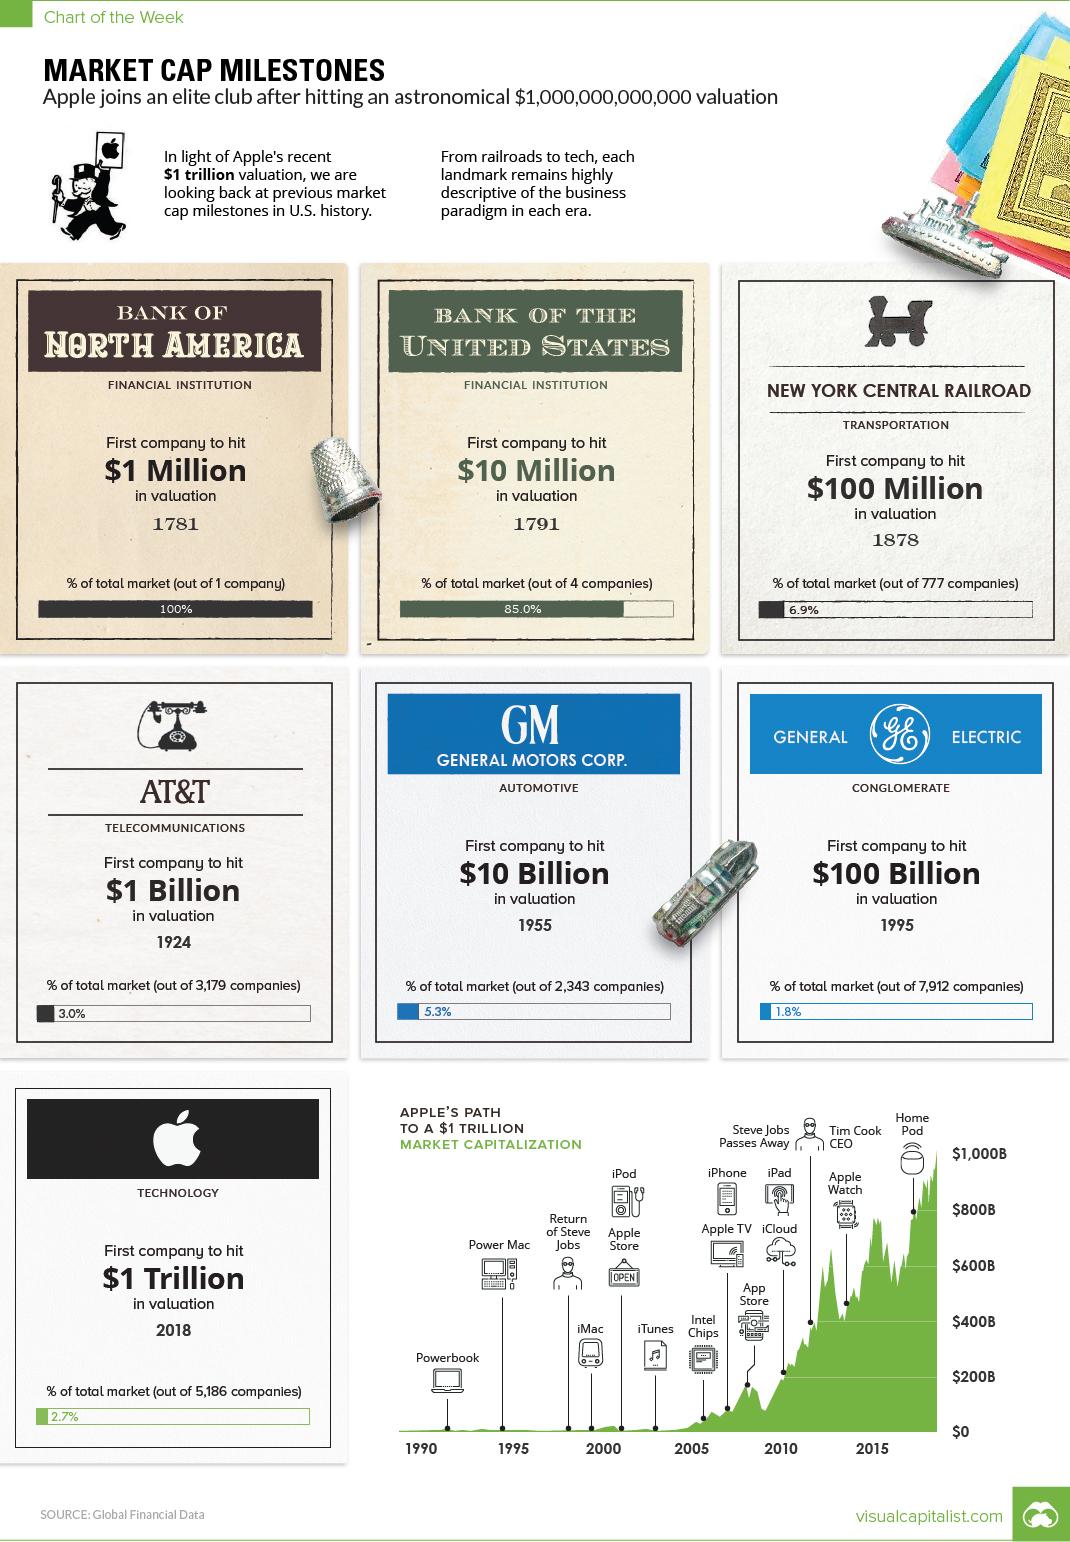 Milniky trznich kapitalizaci americkych firem